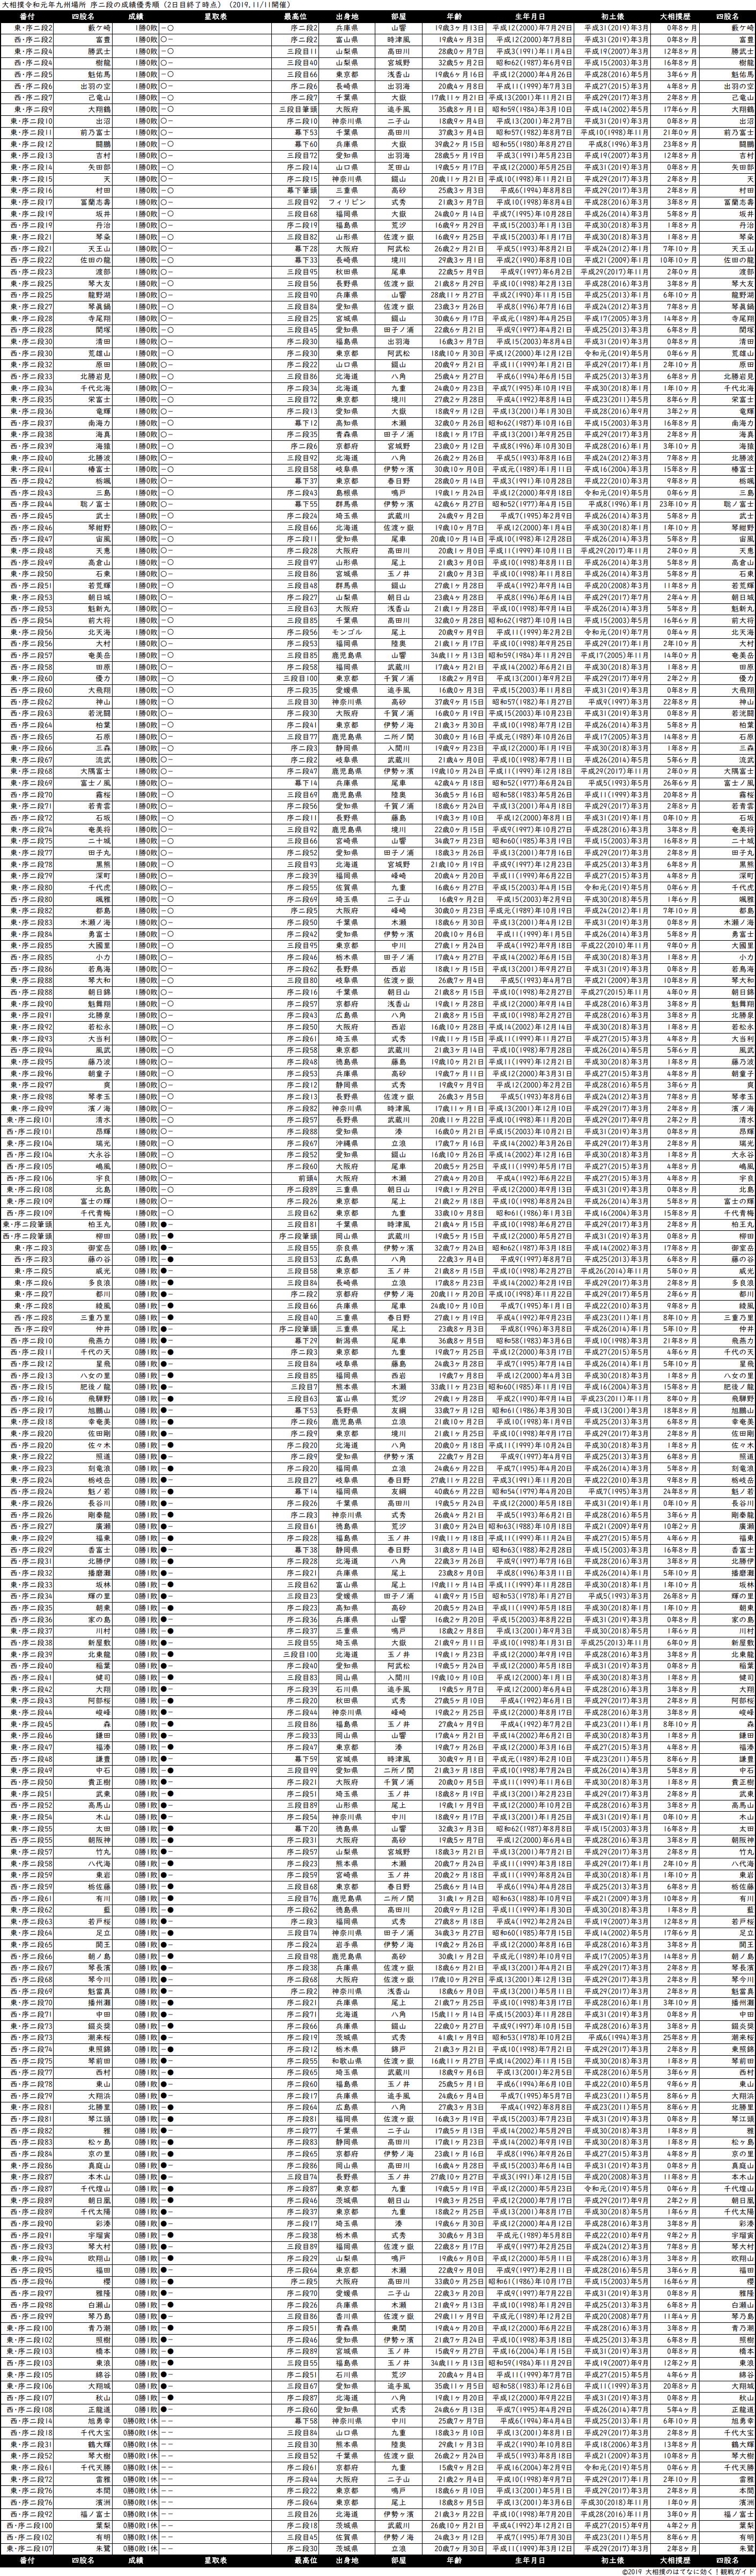 序二段成績順一覧表・2019年11月場所2日目